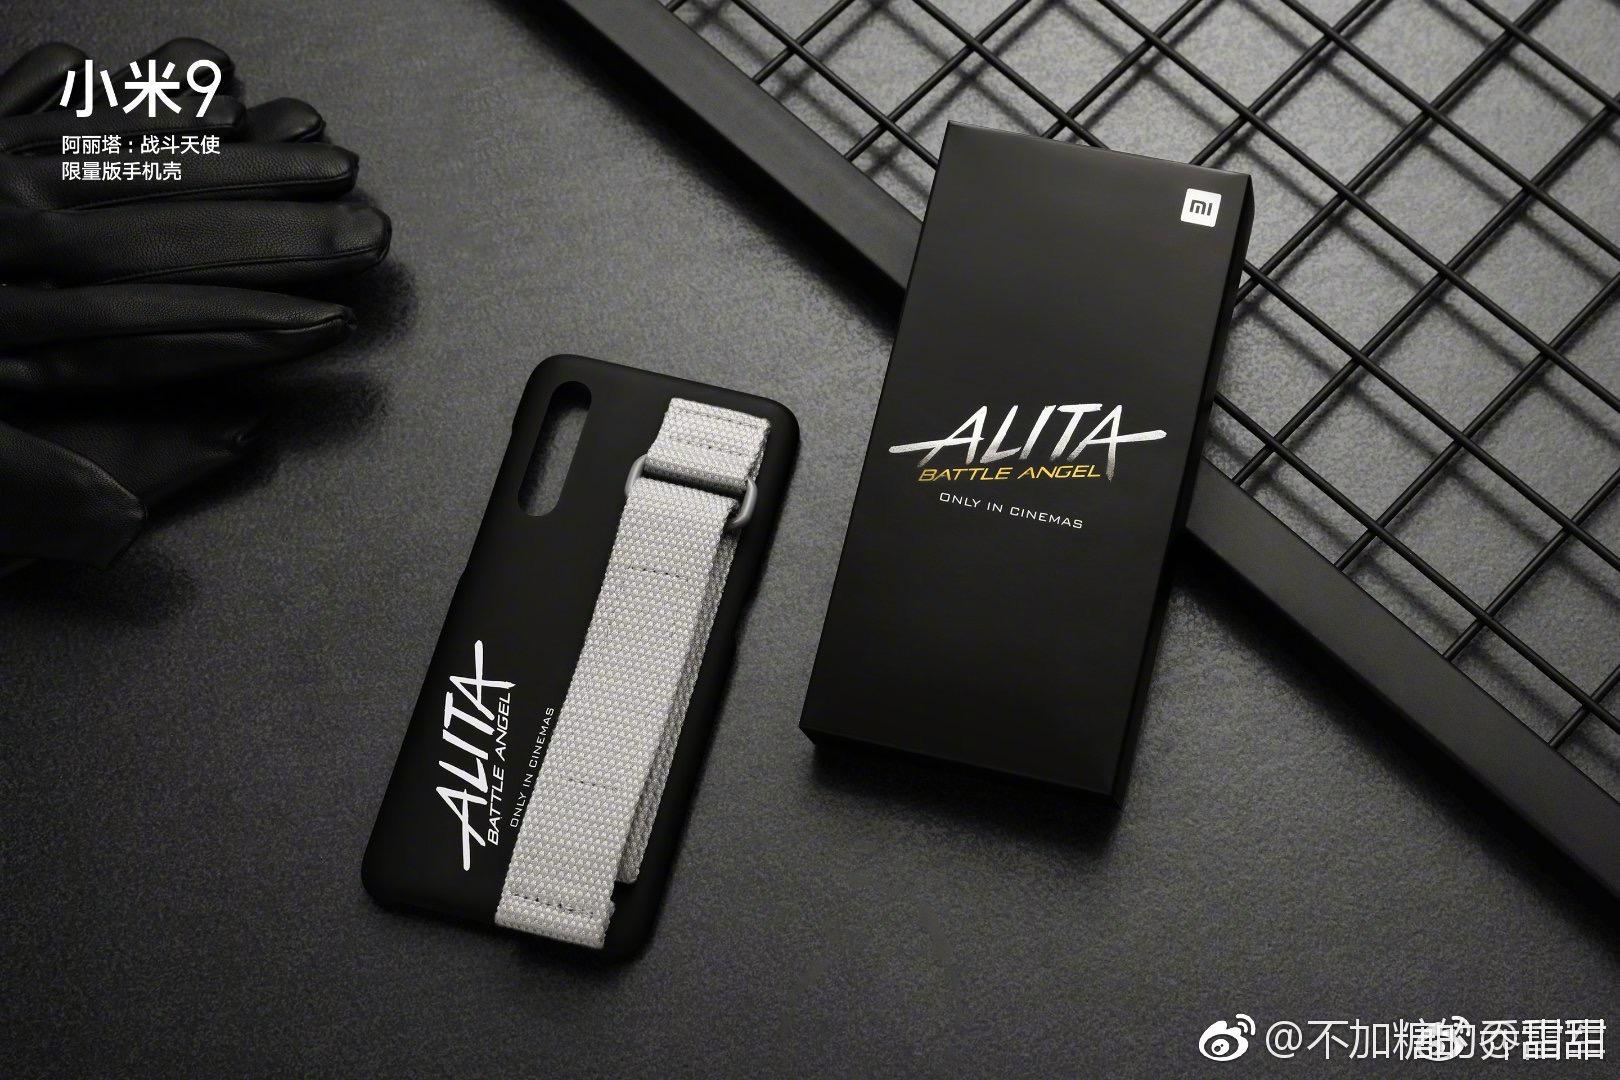 Xiaomi Mi 9 versión pelicula Alita battle angel transparente noticias xiaomi adictos xiaomiadictos